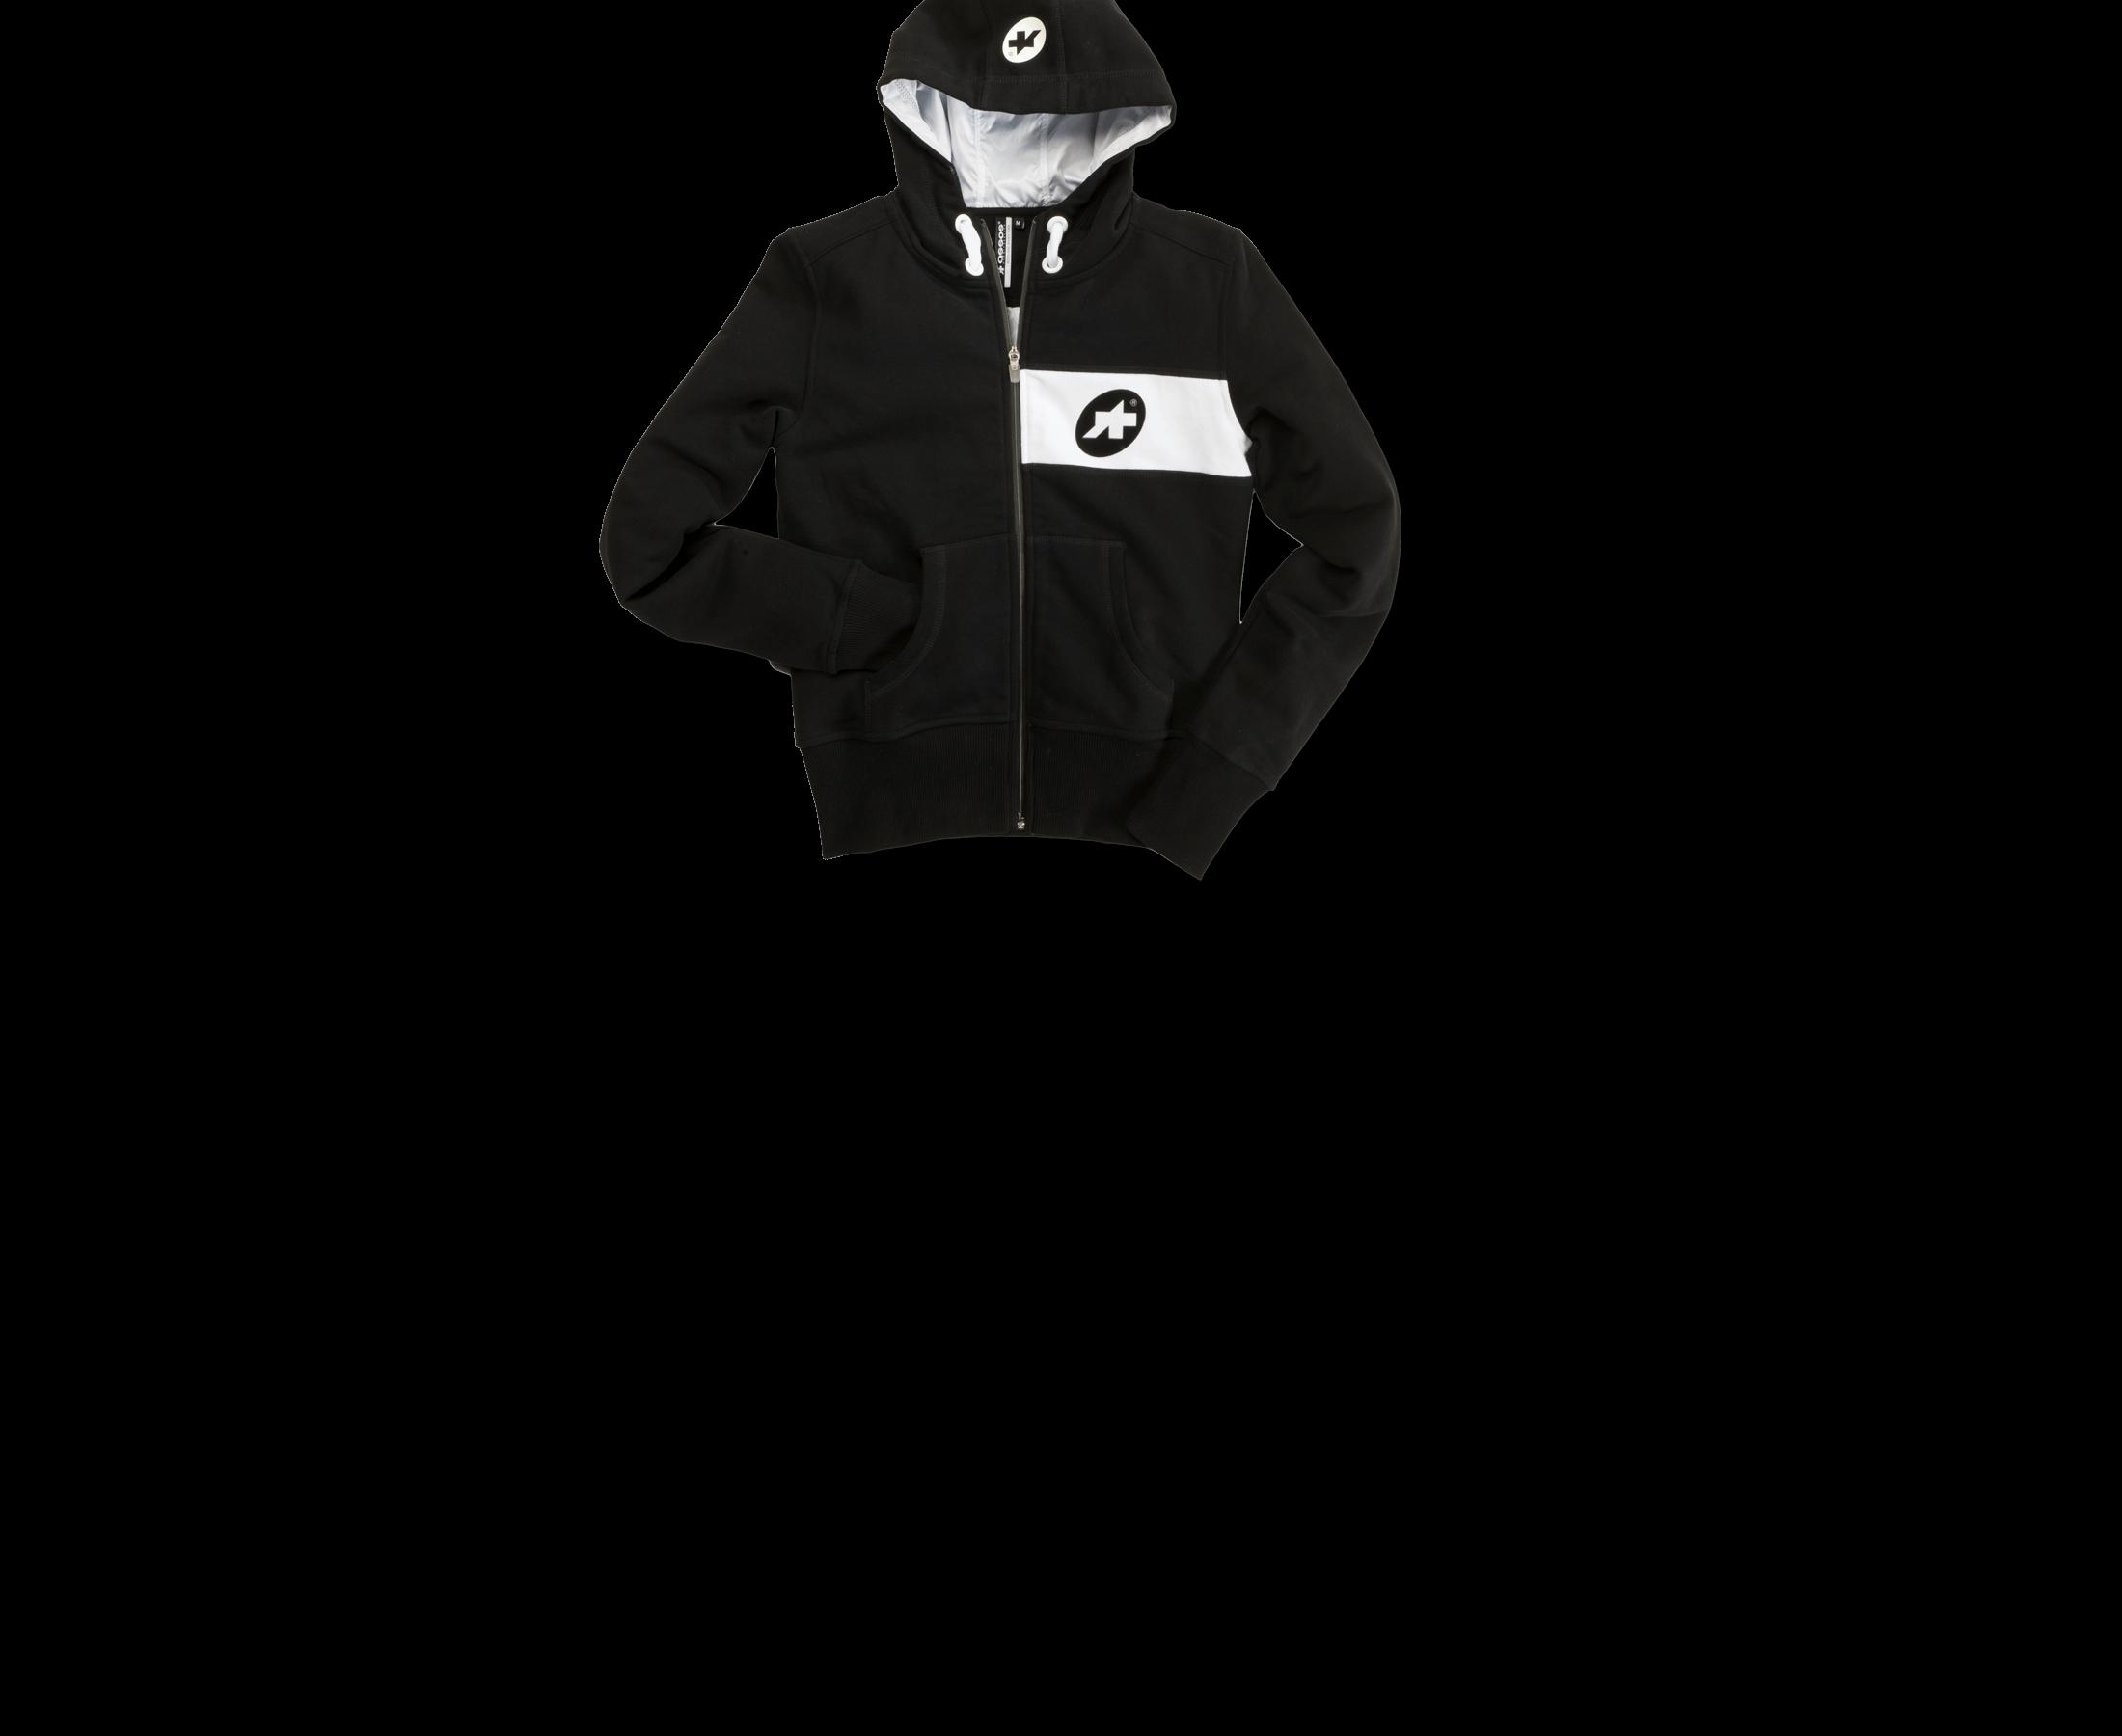 Assos Hoodie in schwarz mit weißen Applikationen.